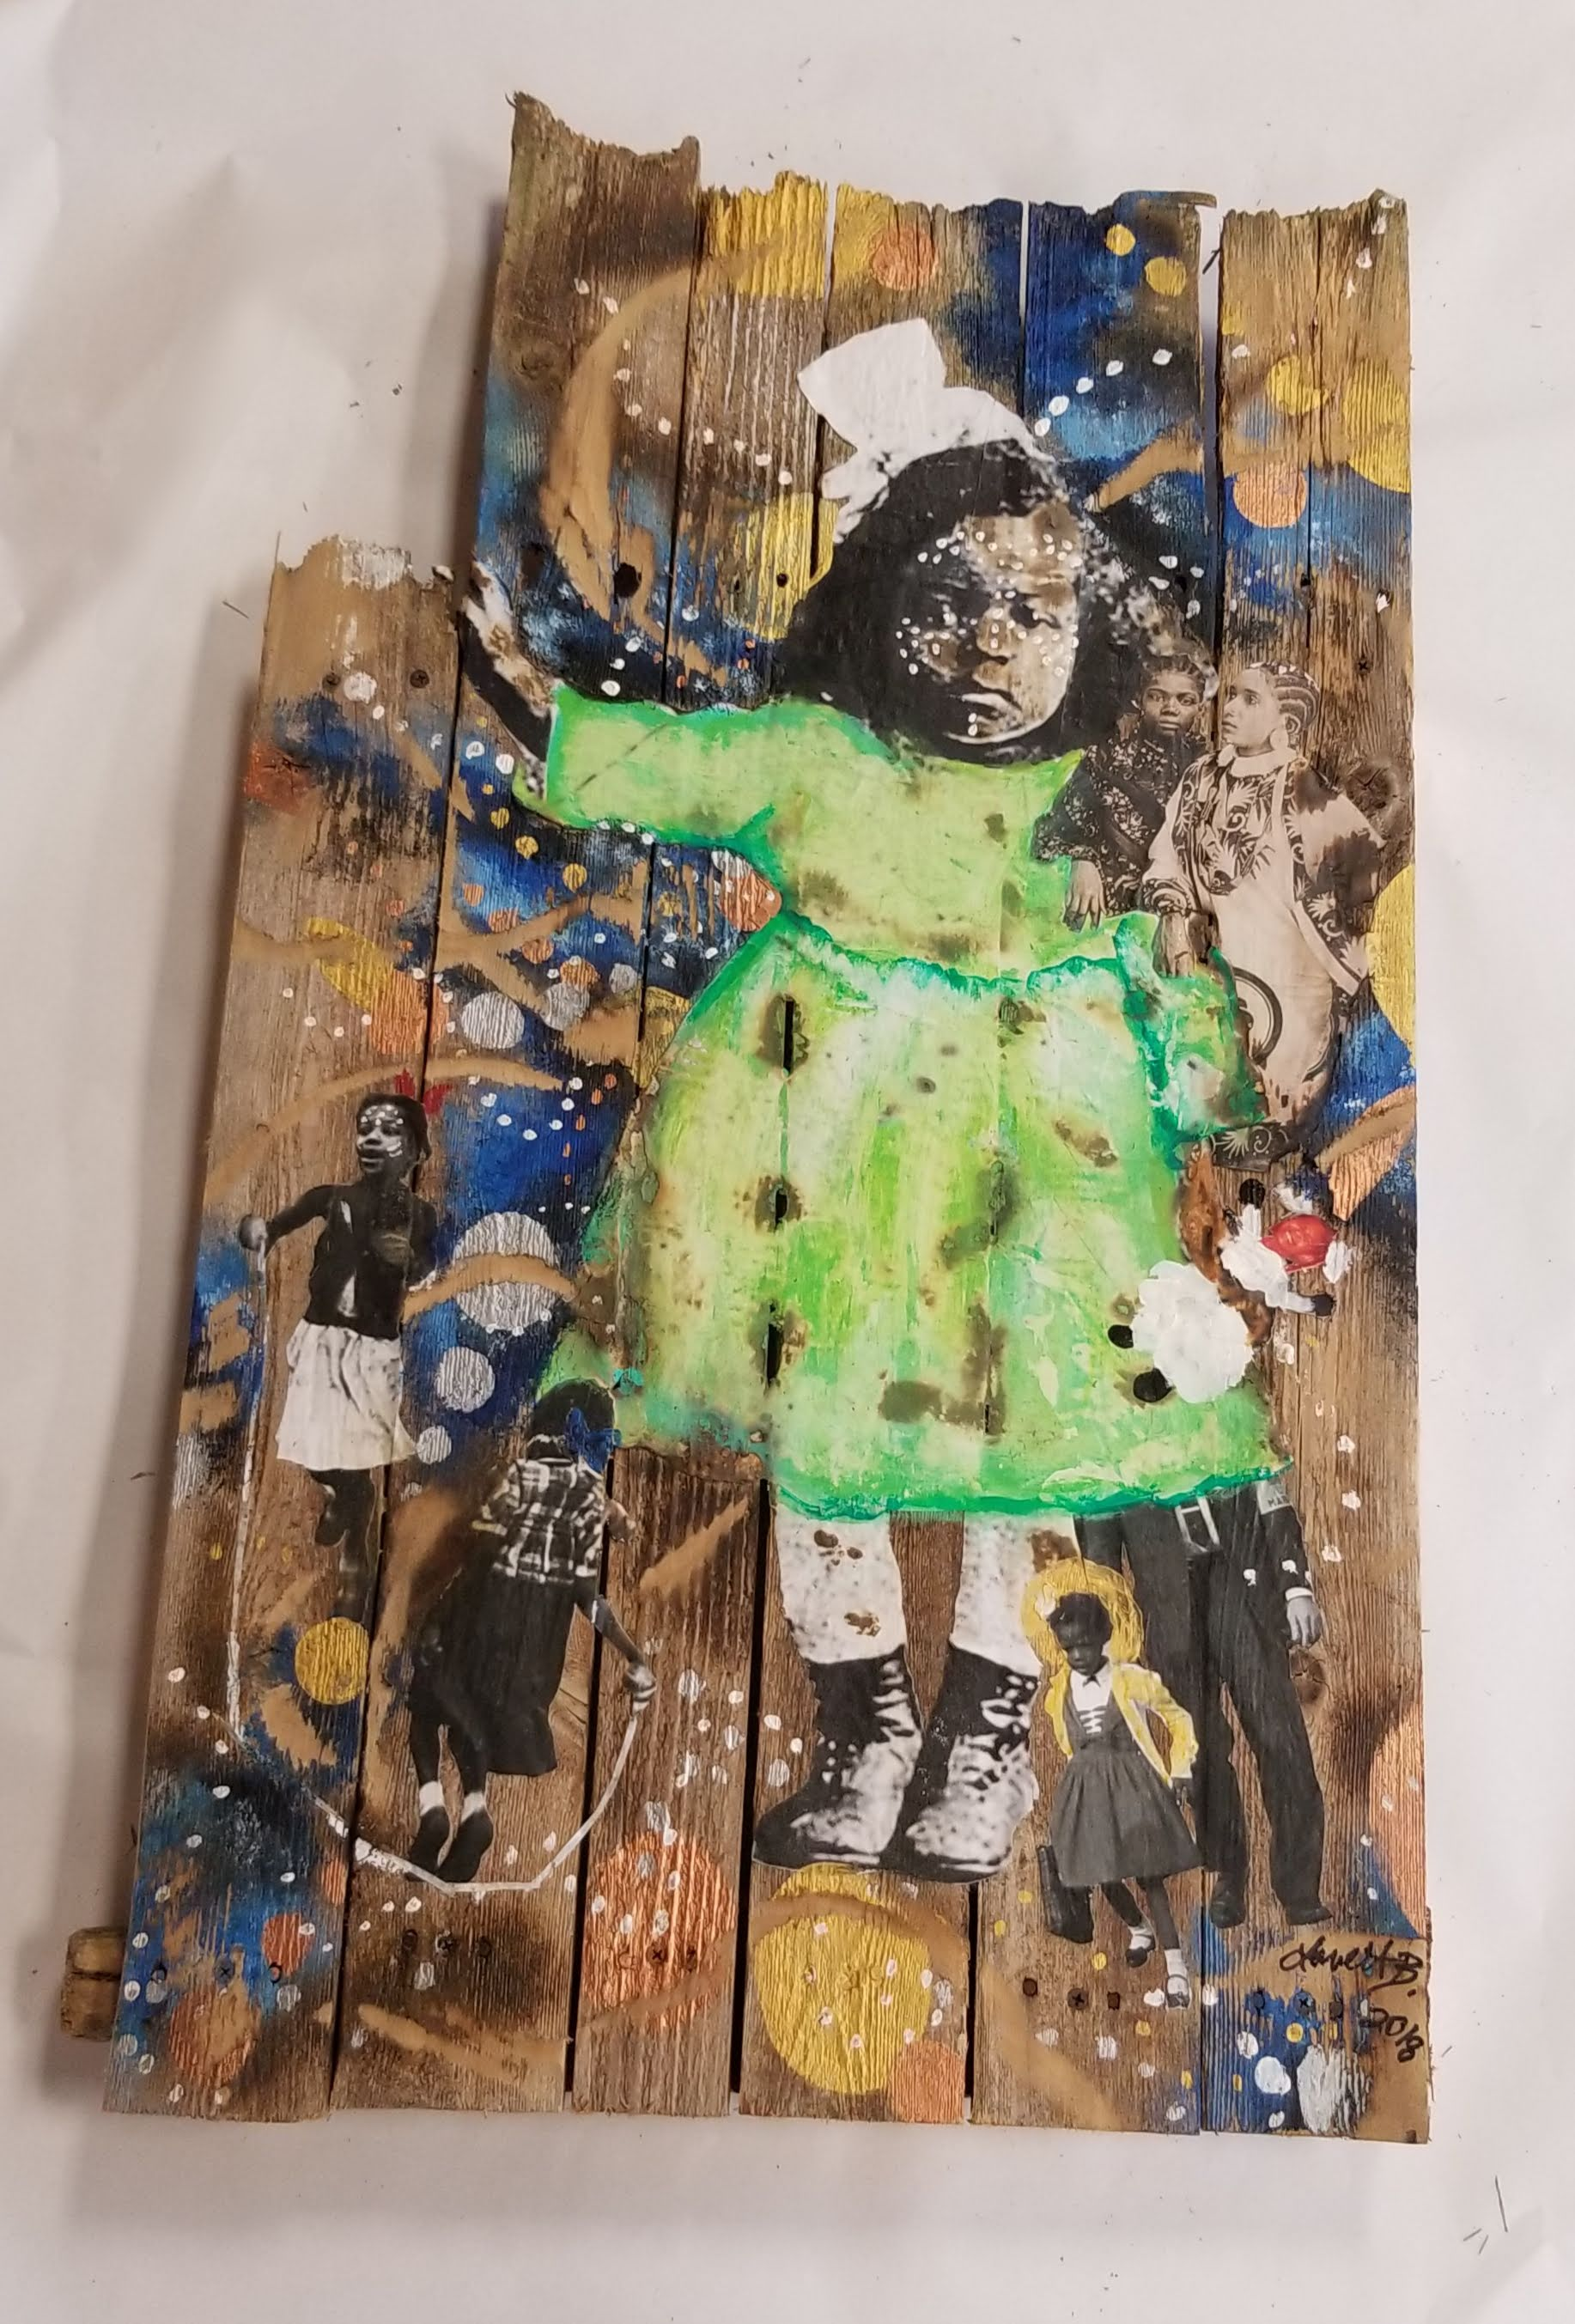 Brown Baby Starchild- 2018